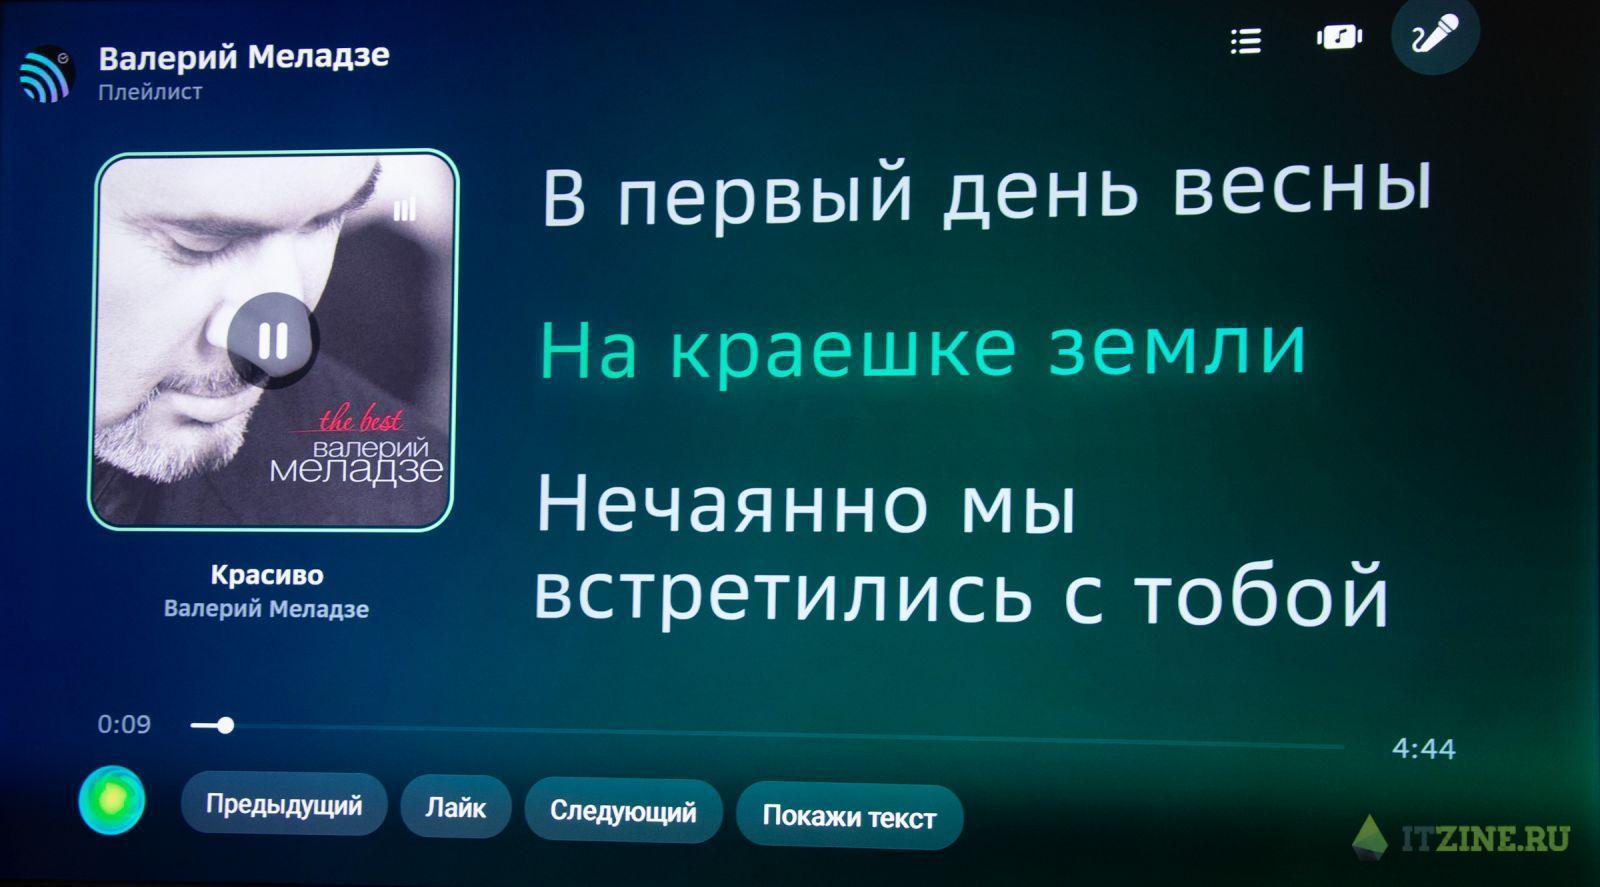 Обзор SberBox: три ассистента для одного телевизора (DSC 9737)